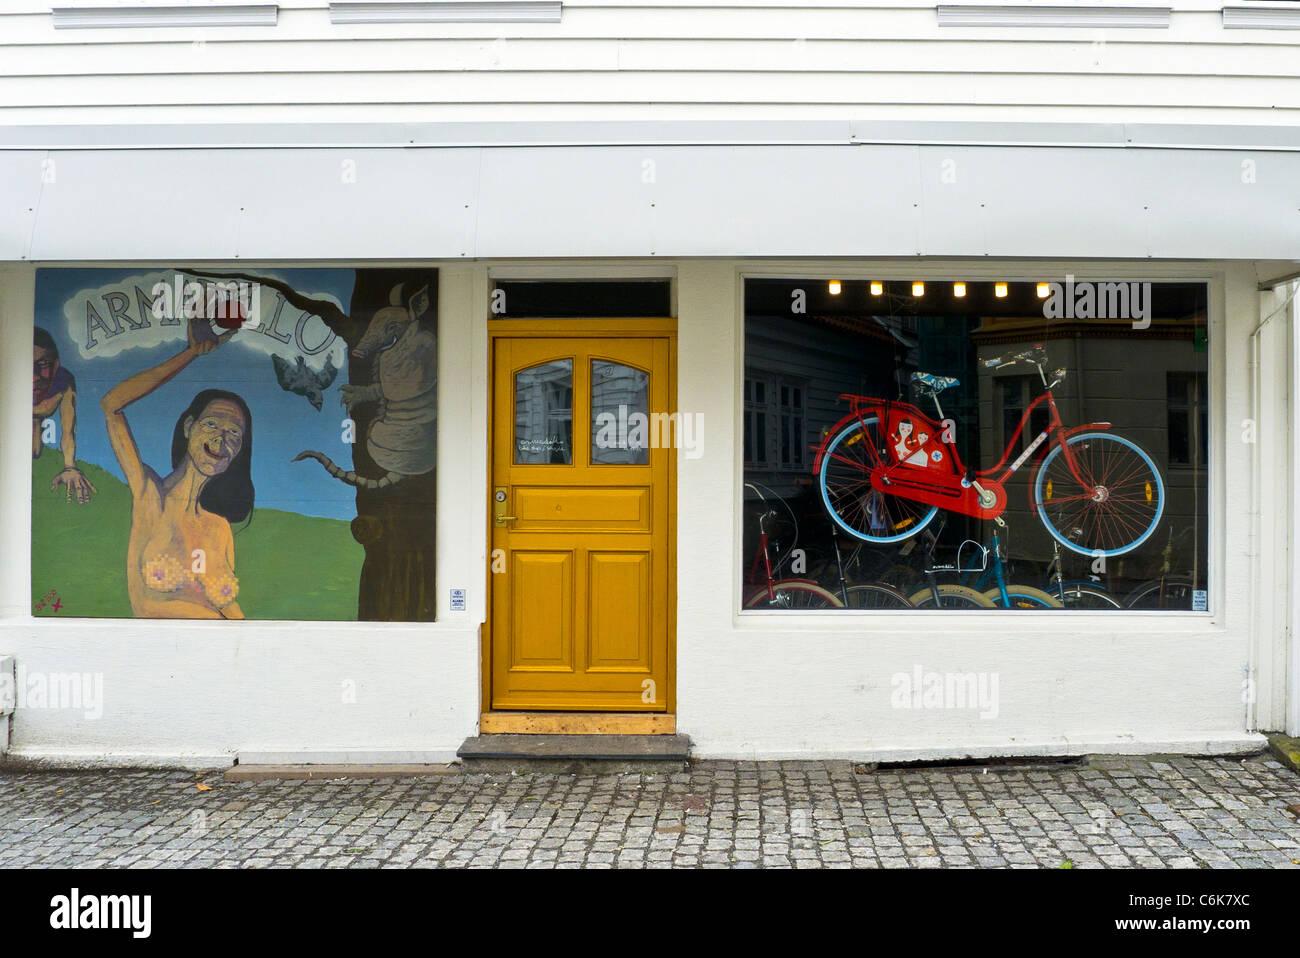 Ein Zyklus-Shop mit einer künstlerischen Front Shopdesign, Bergen, Norwegen Stockbild